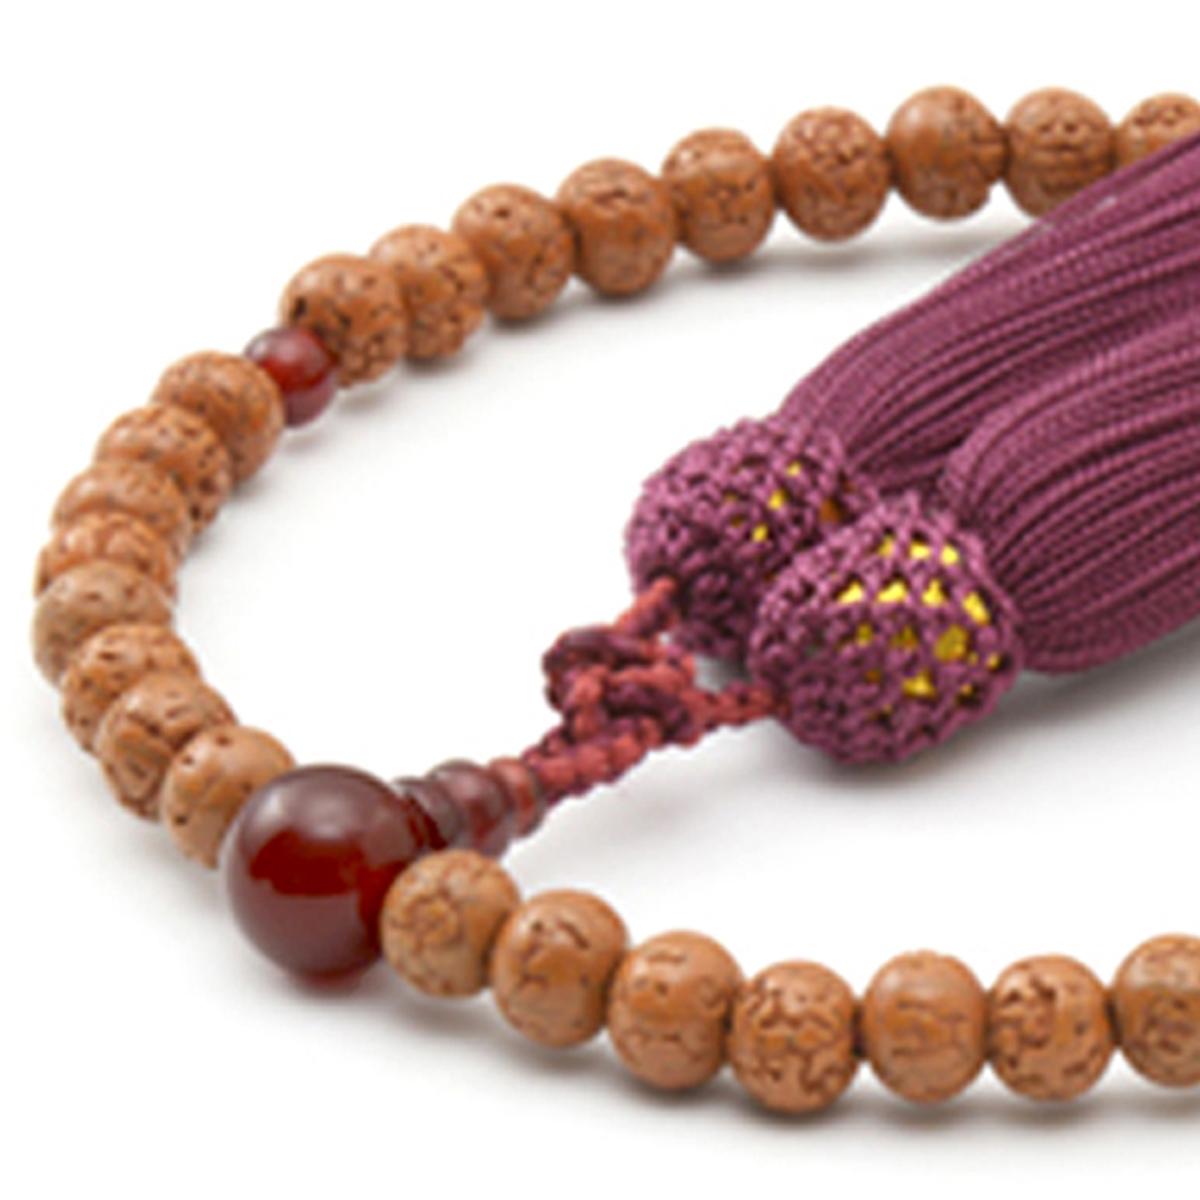 女性用数珠 金剛菩提樹 瑪瑙 頭付弥勒房